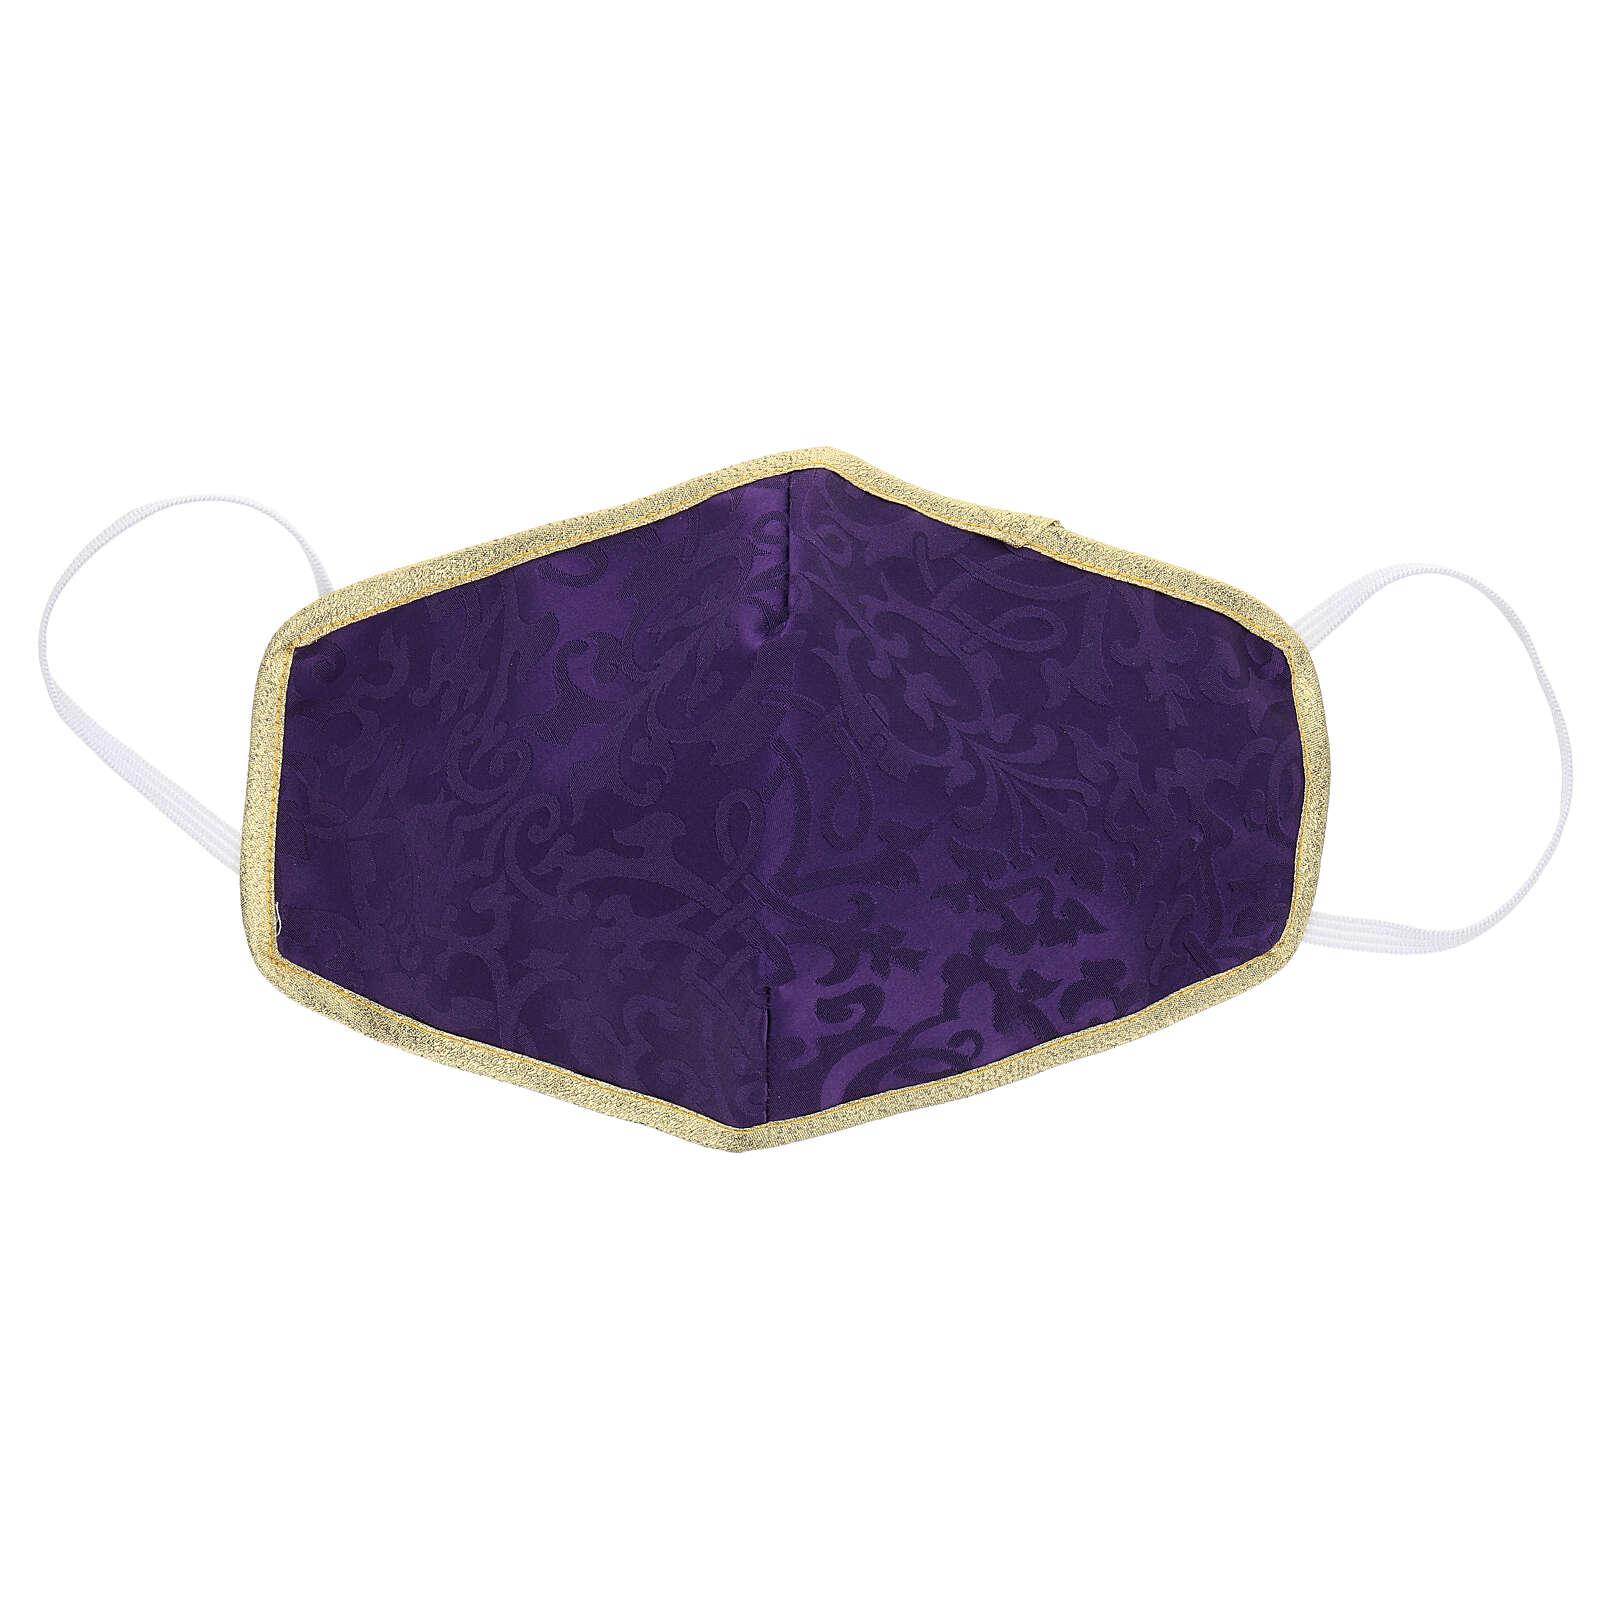 Masque lavable en tissu violet/or 3